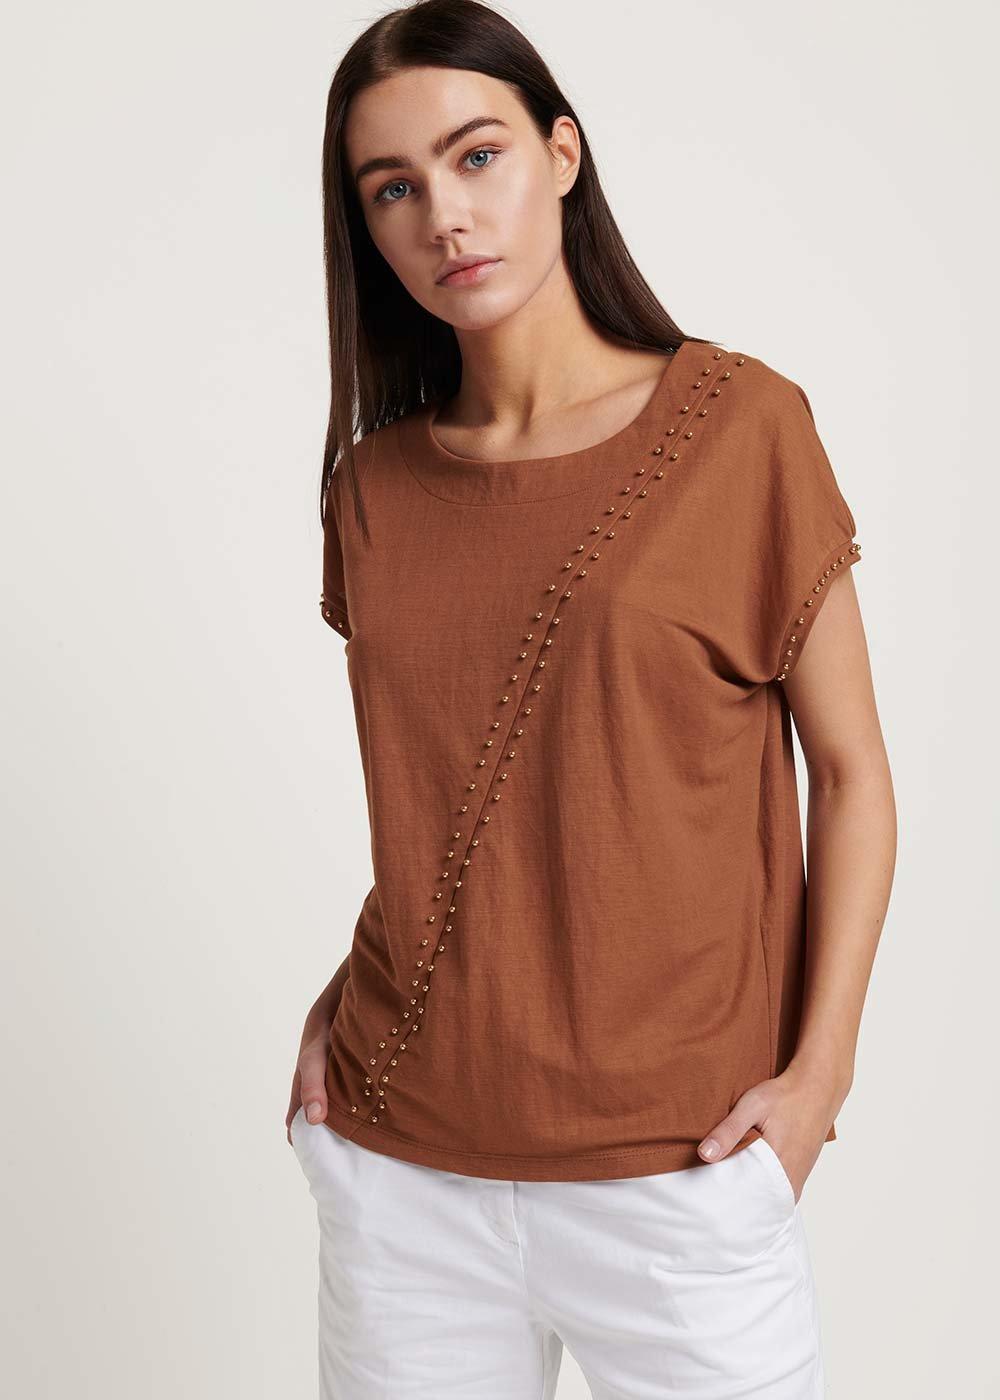 T-shirt Sabina con micro borchiette - Cacao - Donna